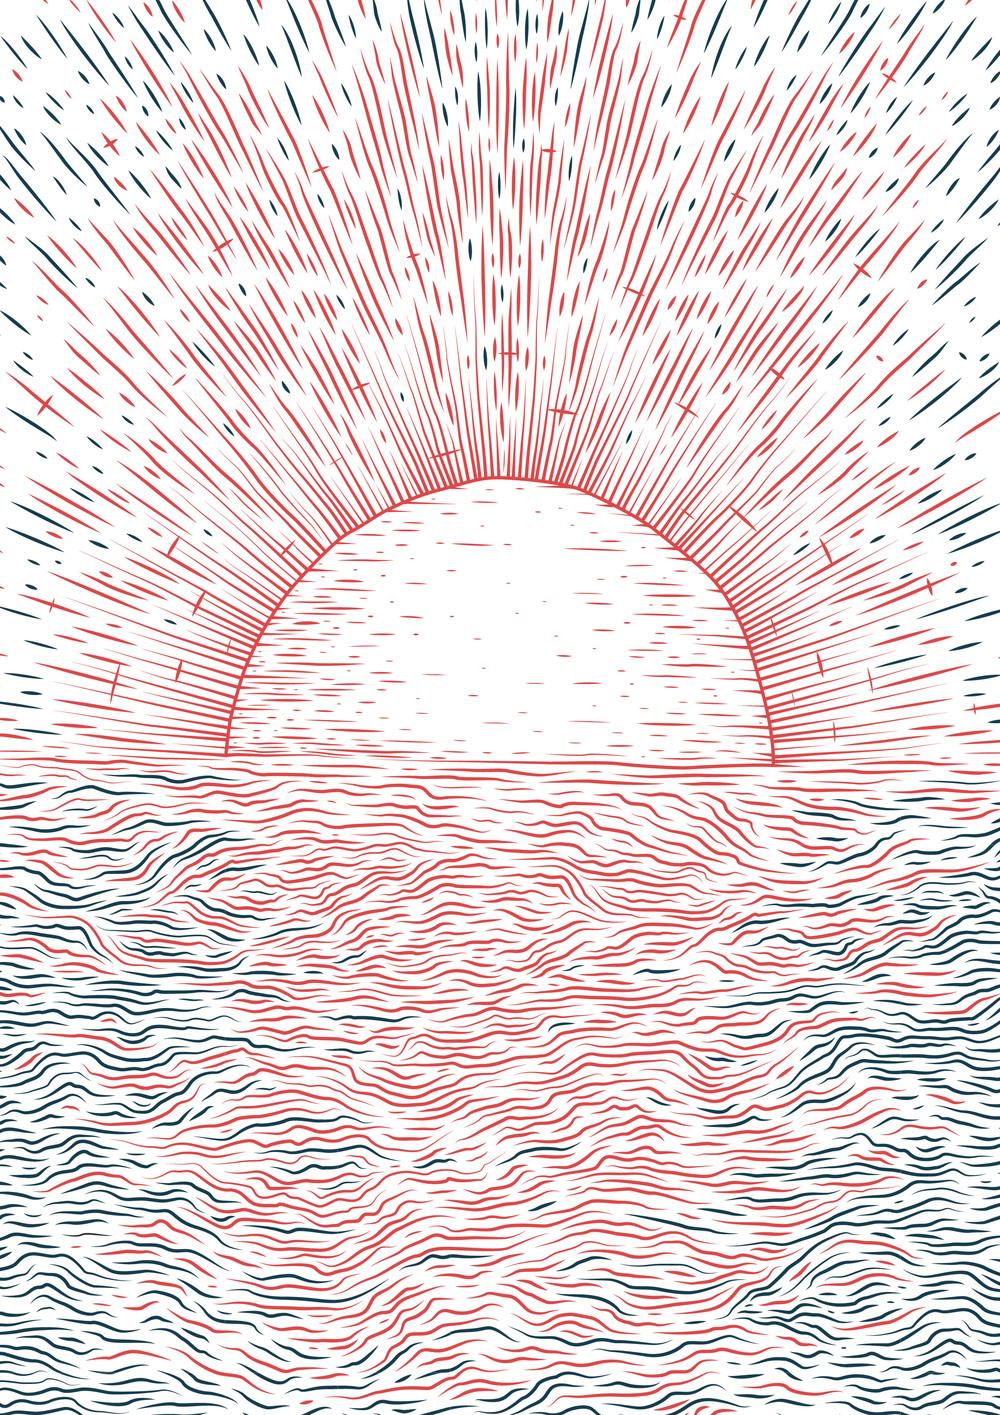 SUN COLOUR-01.jpg